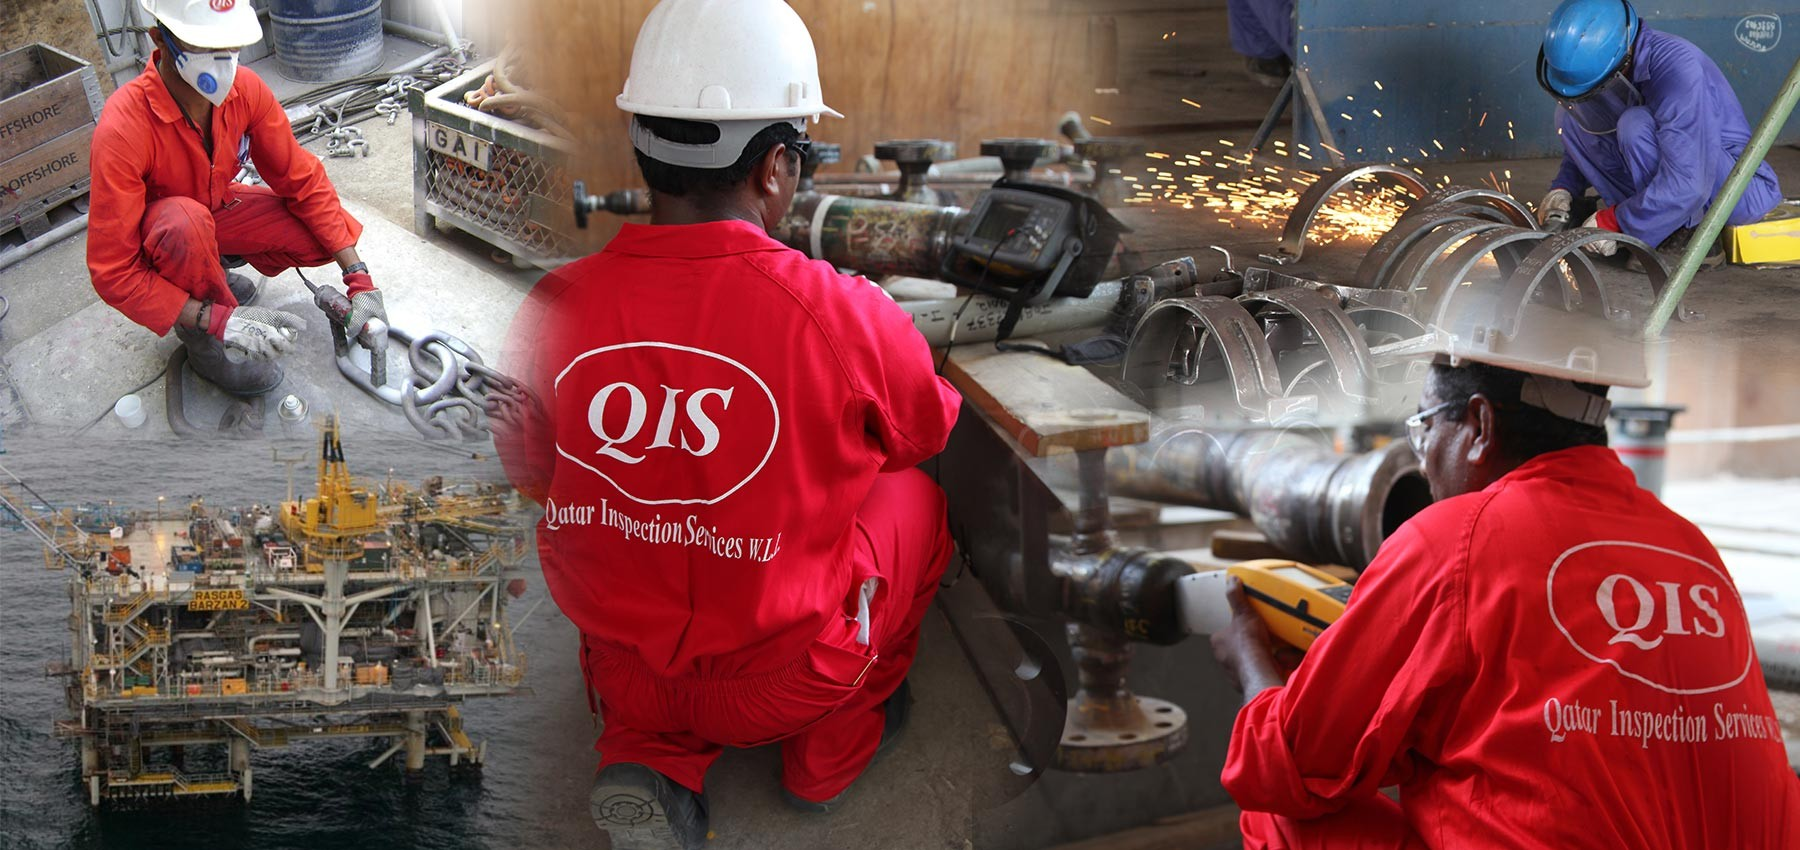 Qatar Inspection Services W L L  | LinkedIn